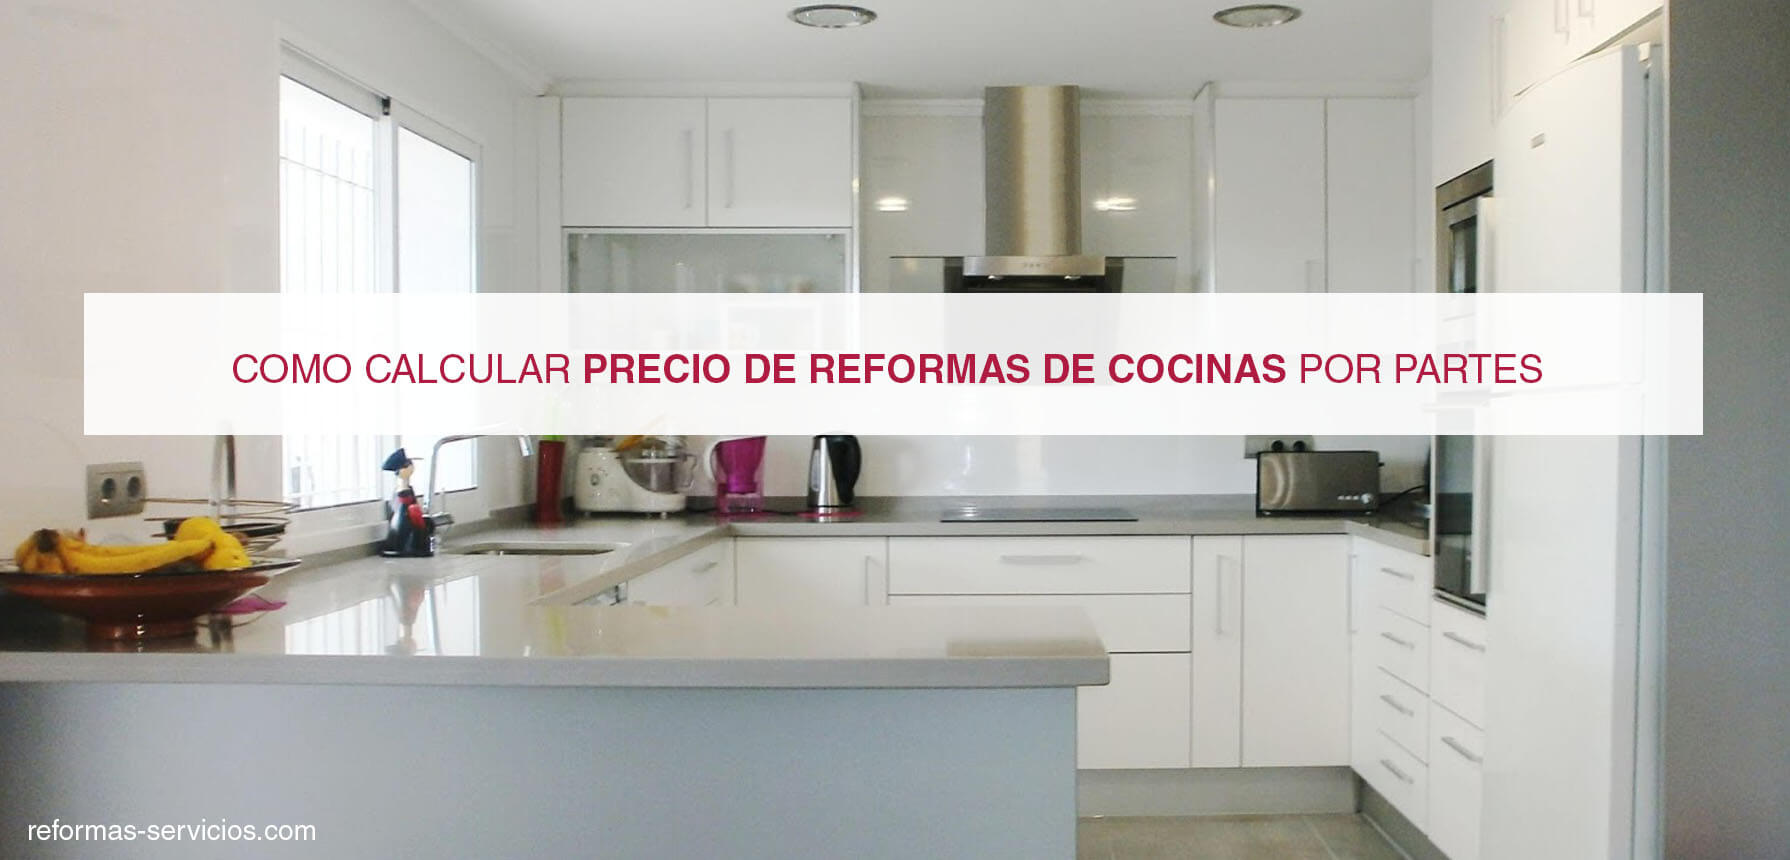 Reforma de cocinas - Precios reformas integrales ...